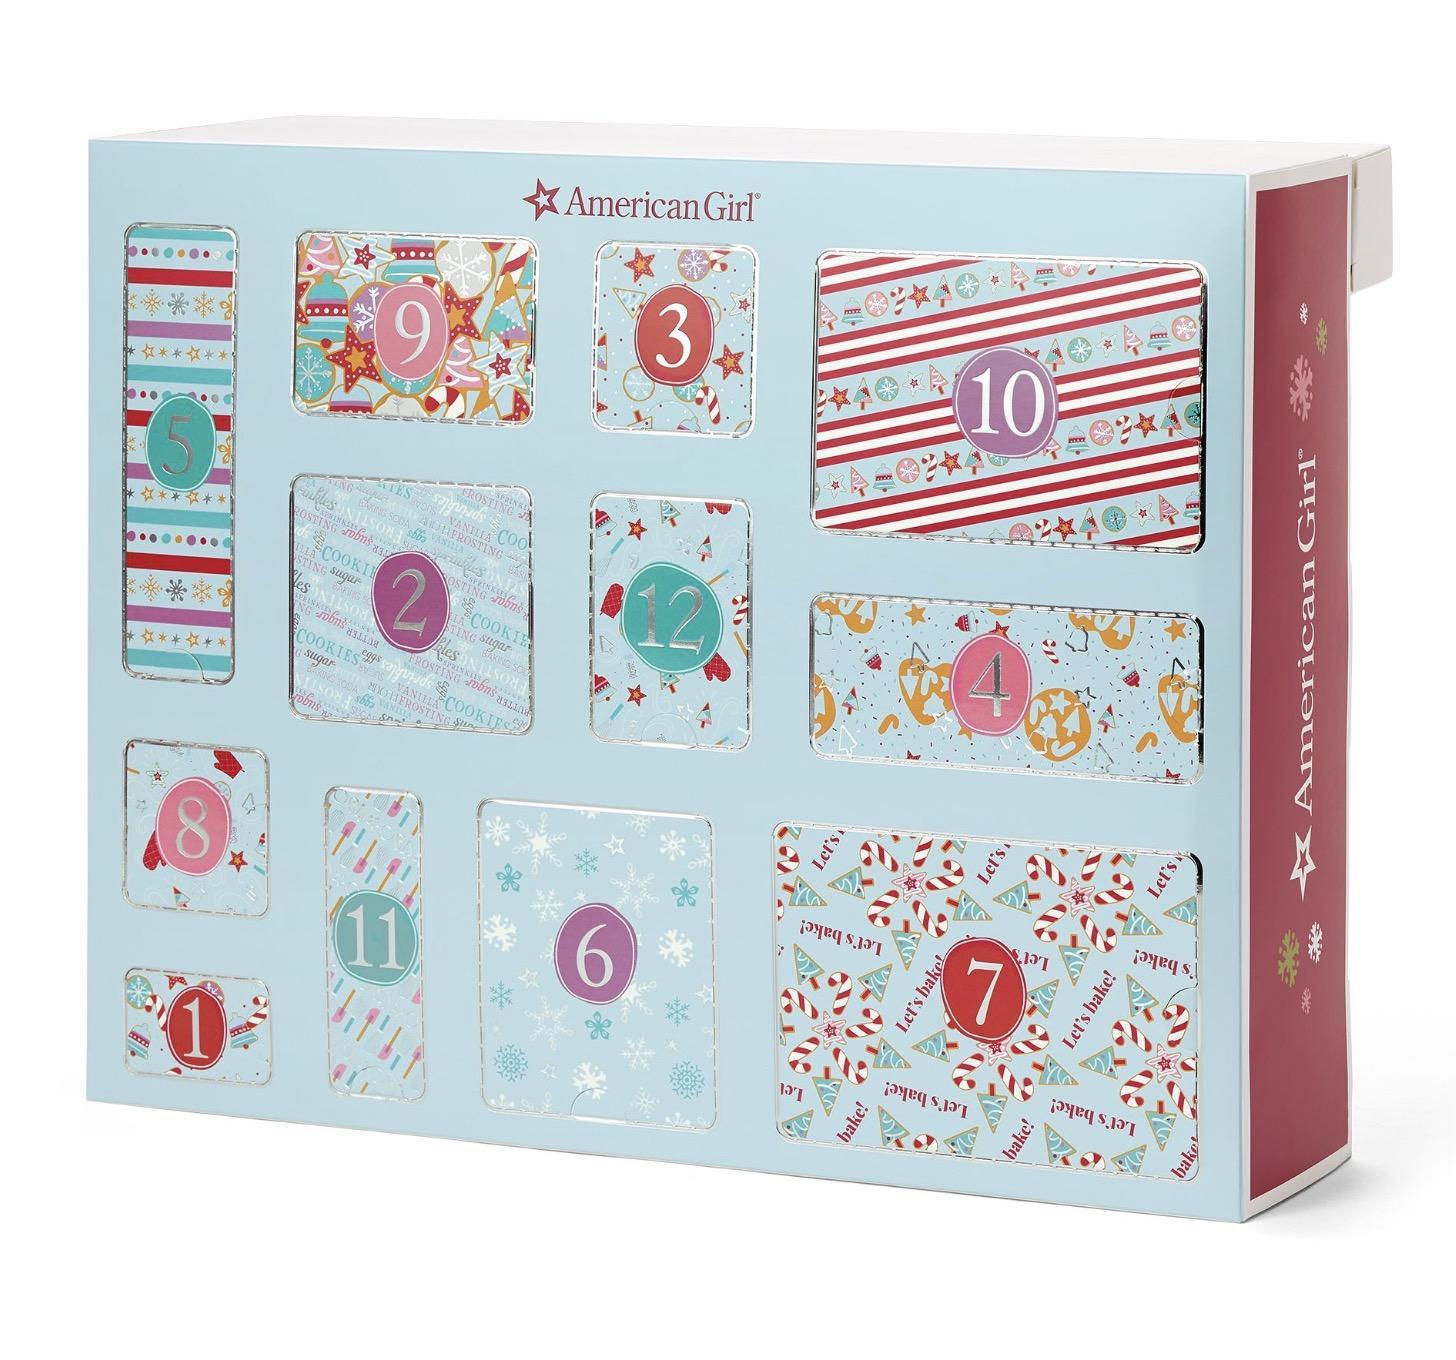 American Girl A Dozen Delicious Days Countdown Set Advent Calendar